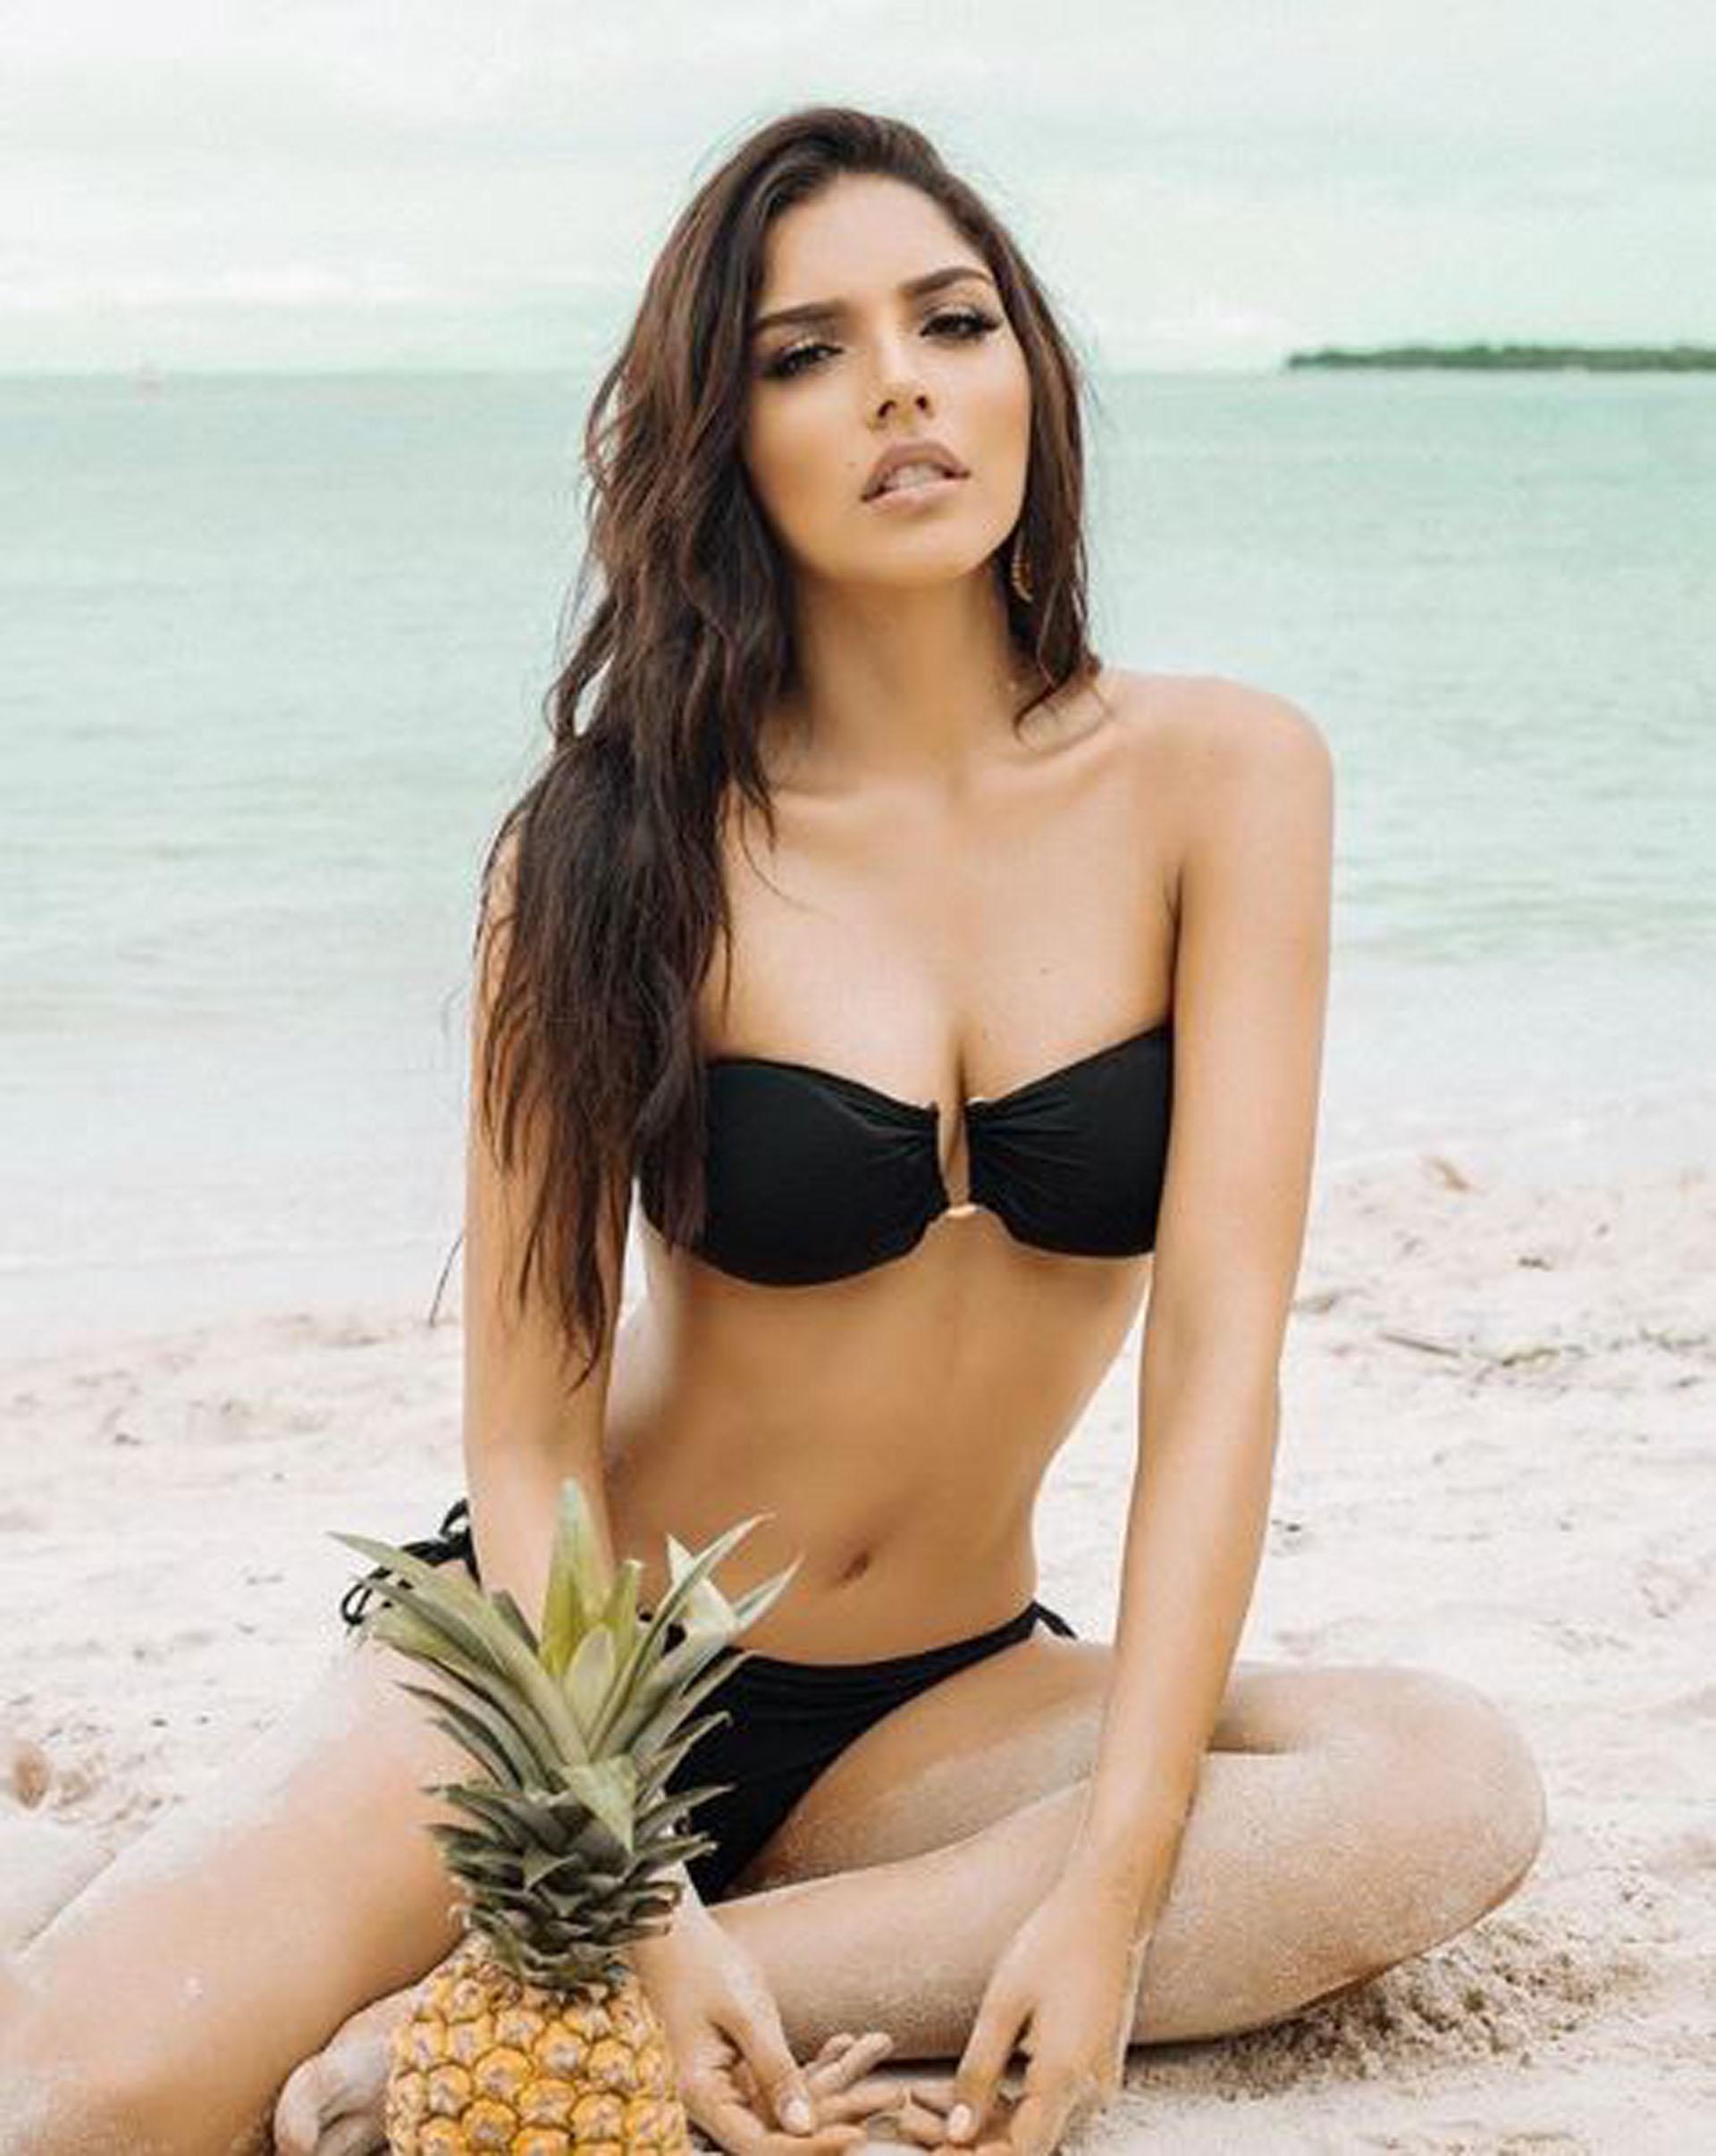 Laura Gonzalez Ospina >> ¡Una diosa! Las fotos de Laura González Ospina, Miss Colombia 2016 | Noticias de Bariloche